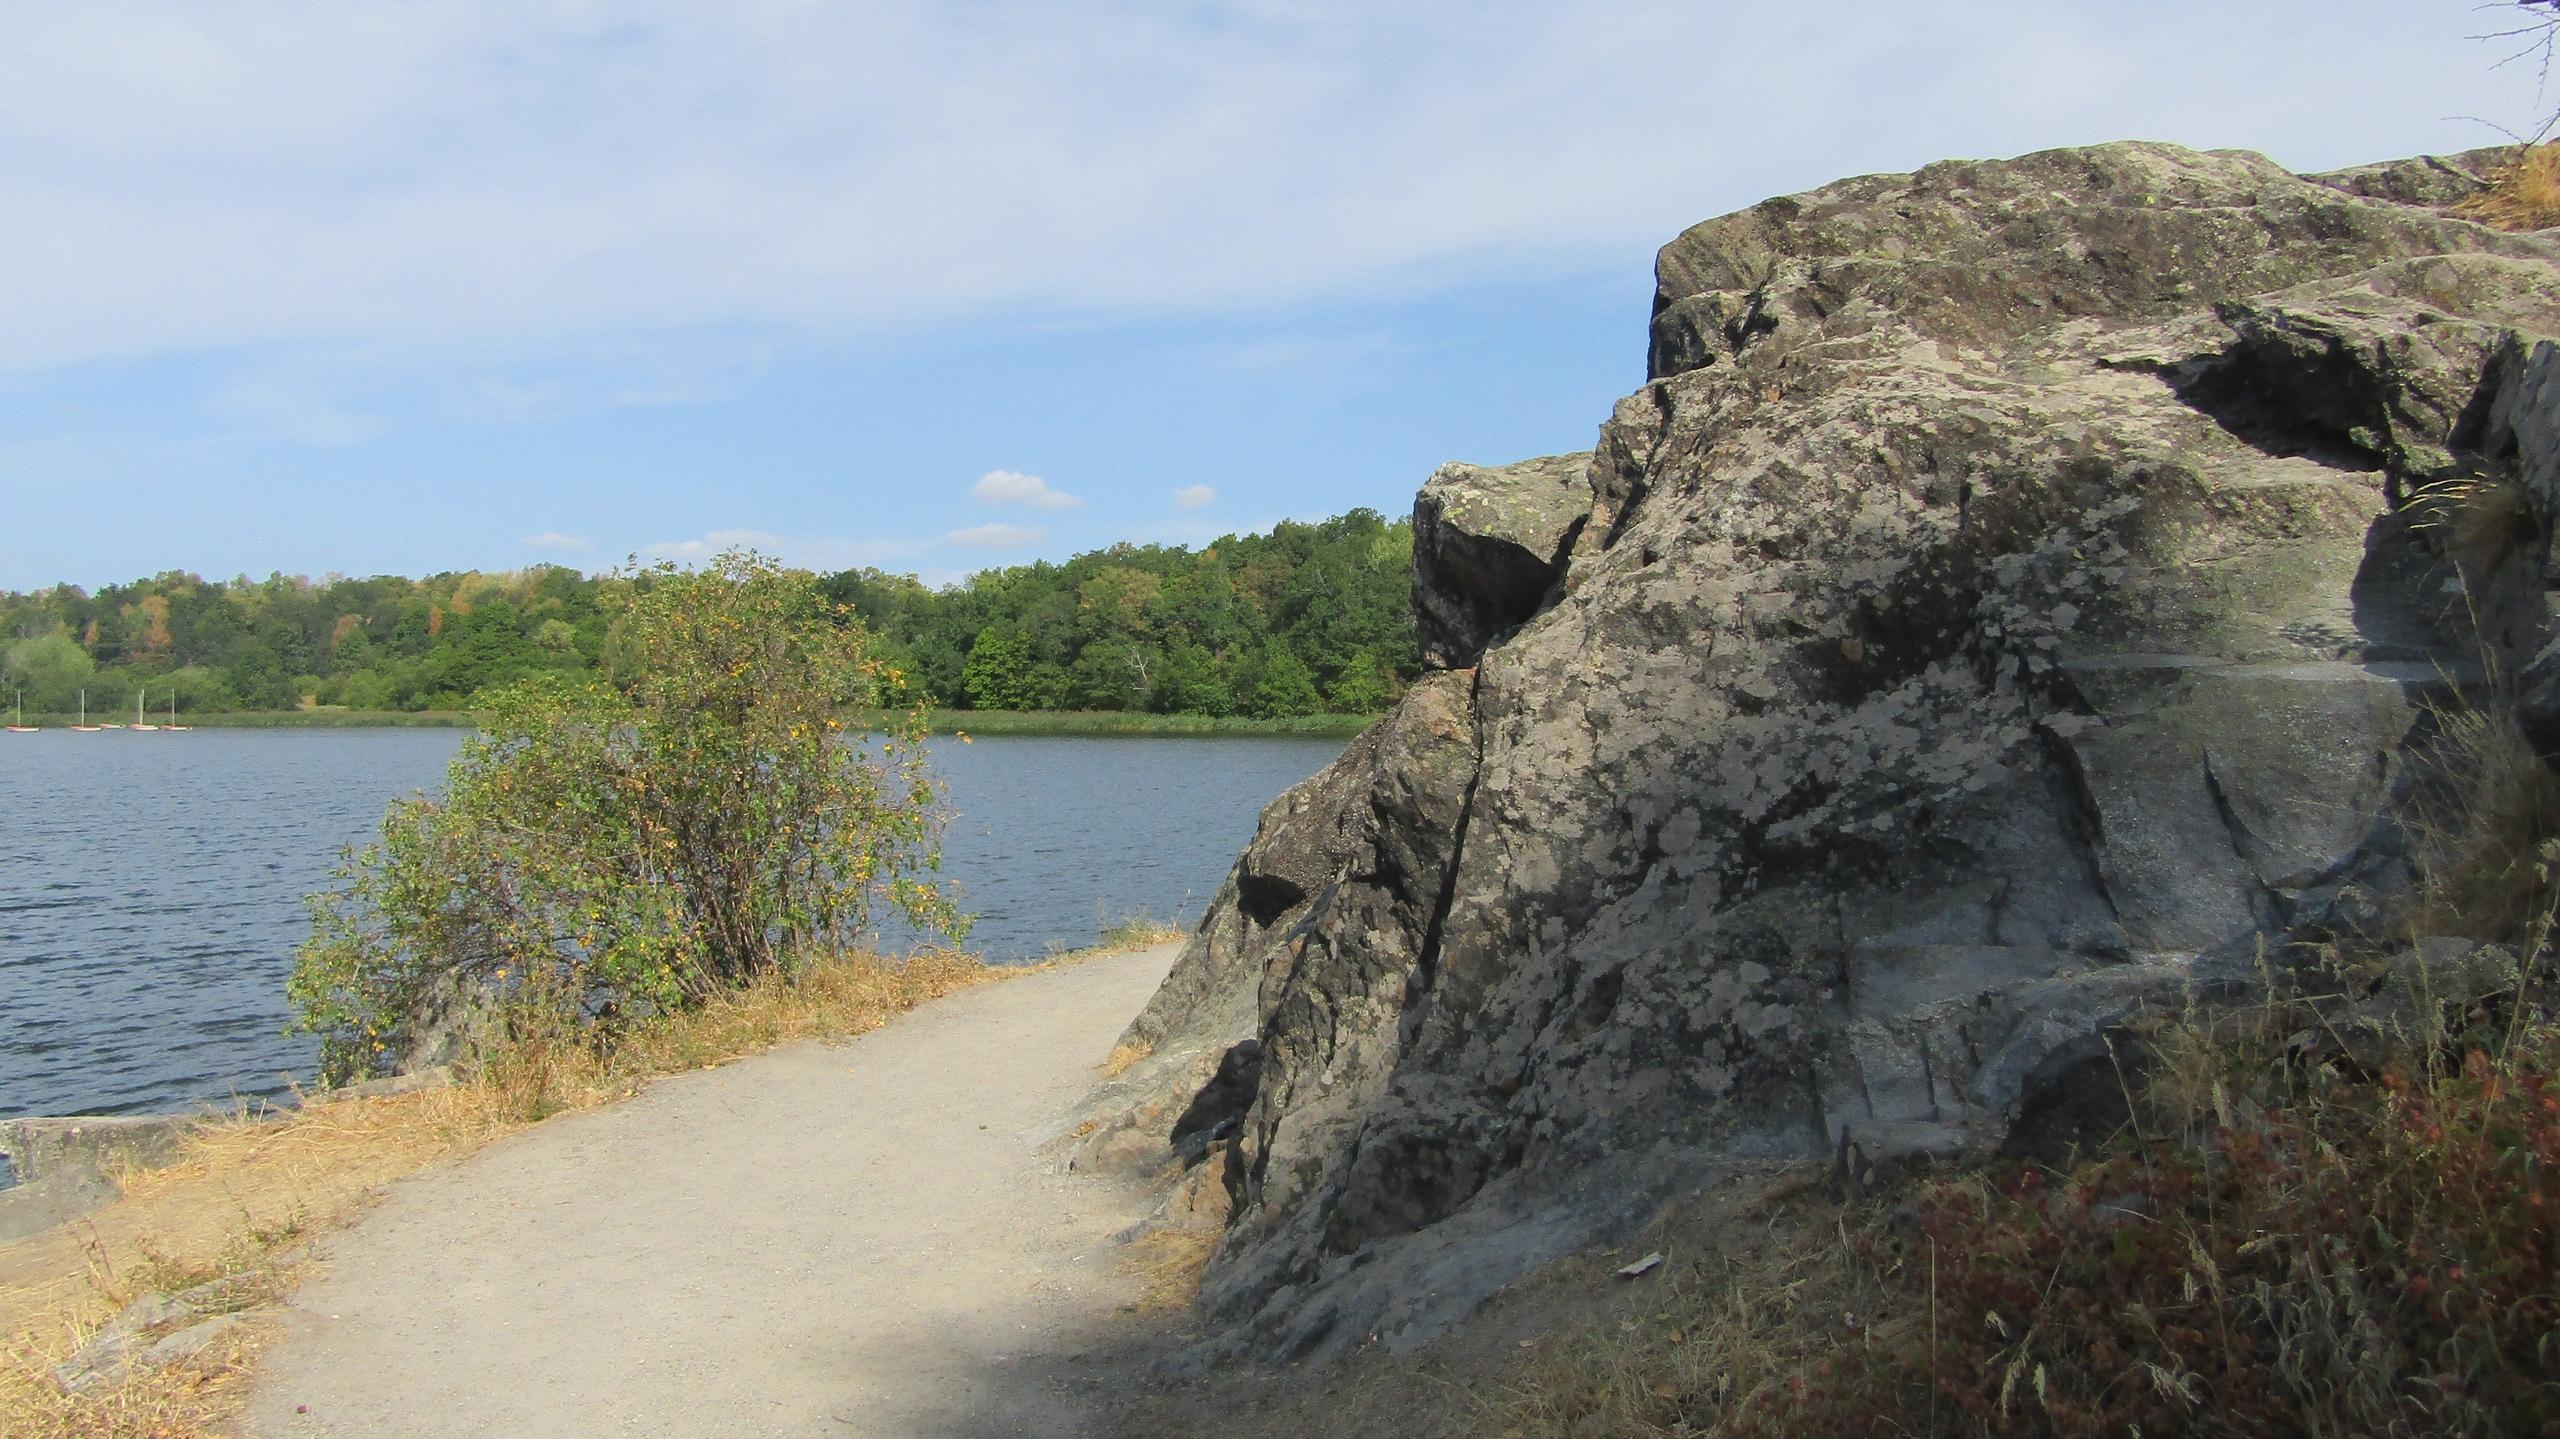 Прогулка по ботаническому саду Стокгольма, а также о флоре, фауне и рыбалке в Стокгольме